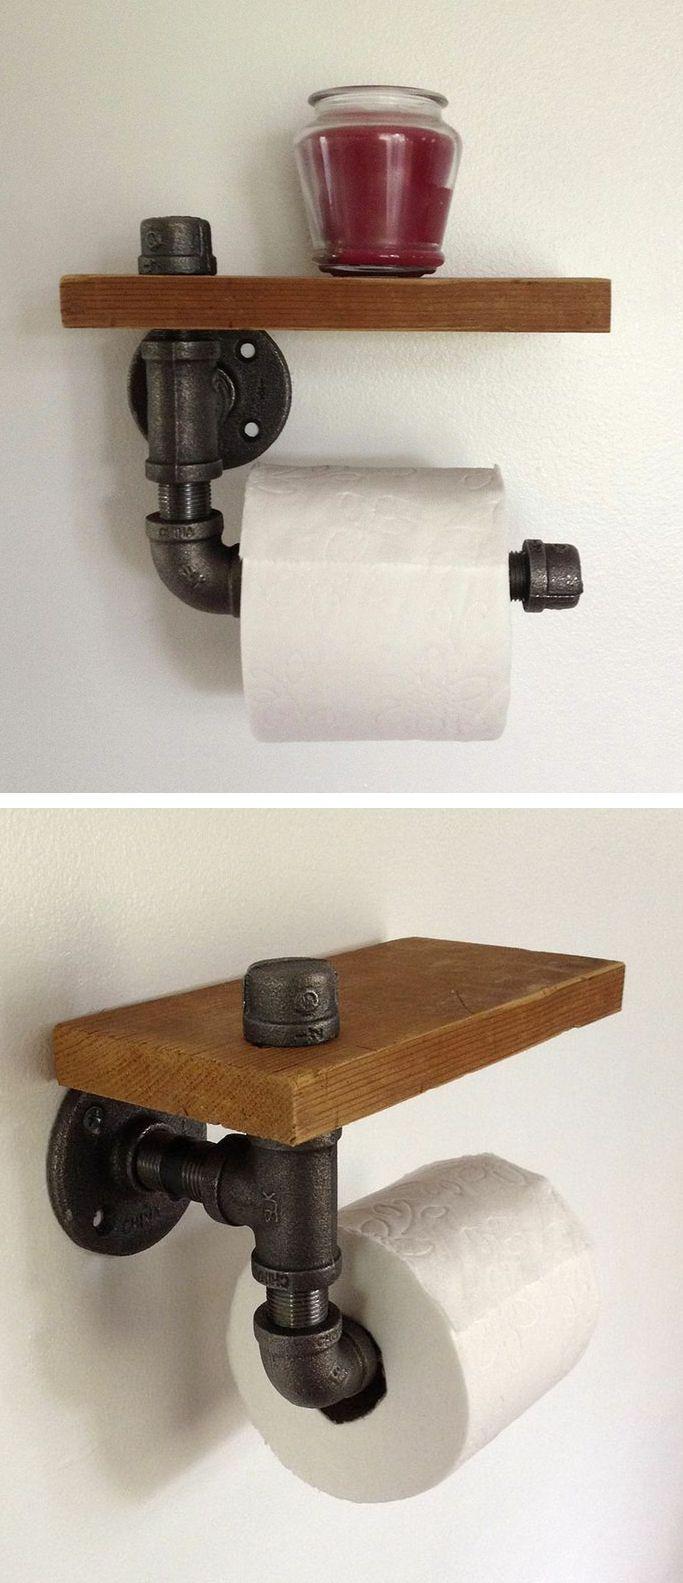 pra um possível rolo de adesivos...